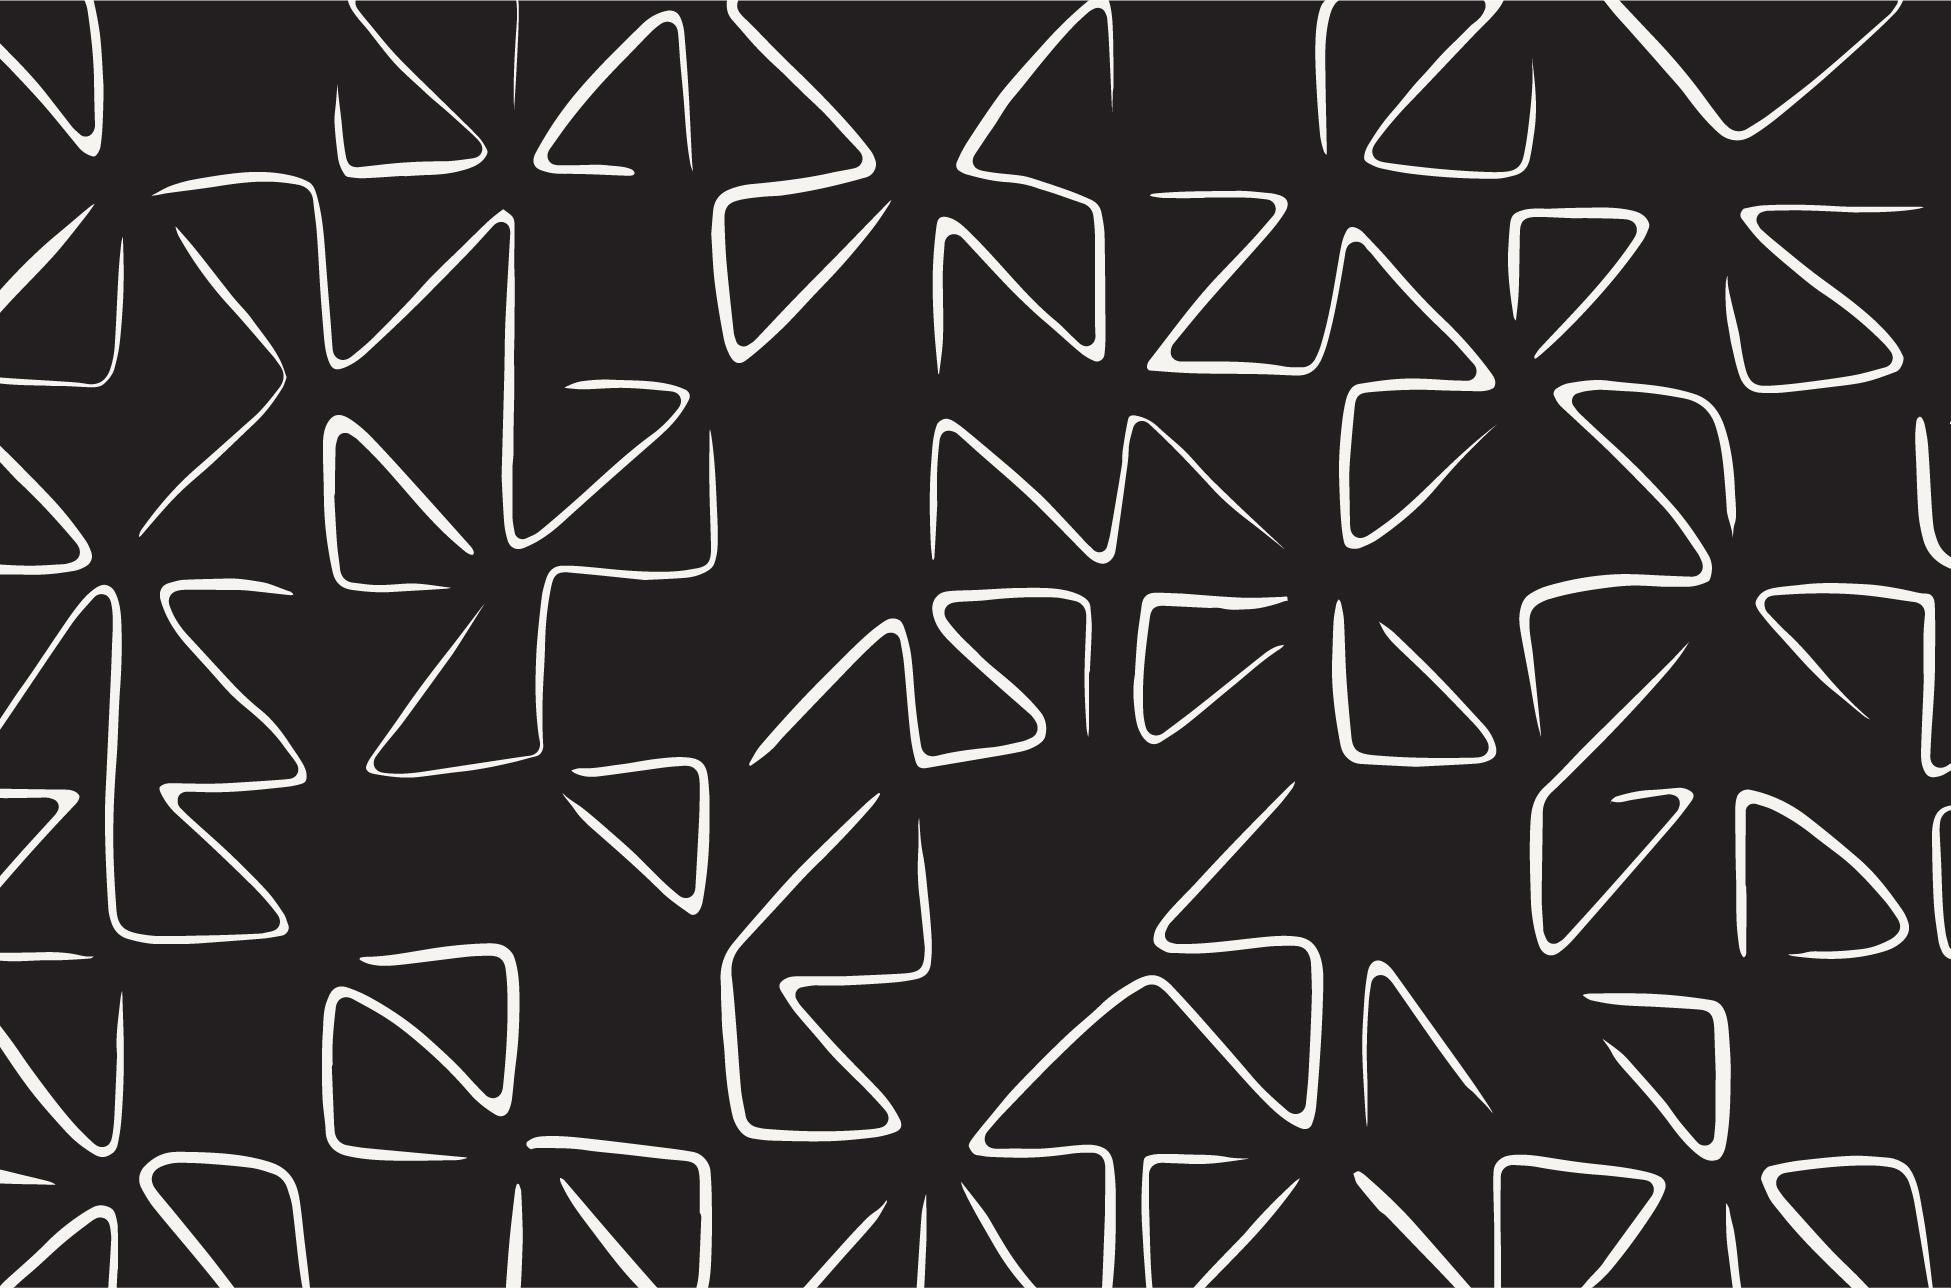 AW_Brand_Mockups_Image3.jpg